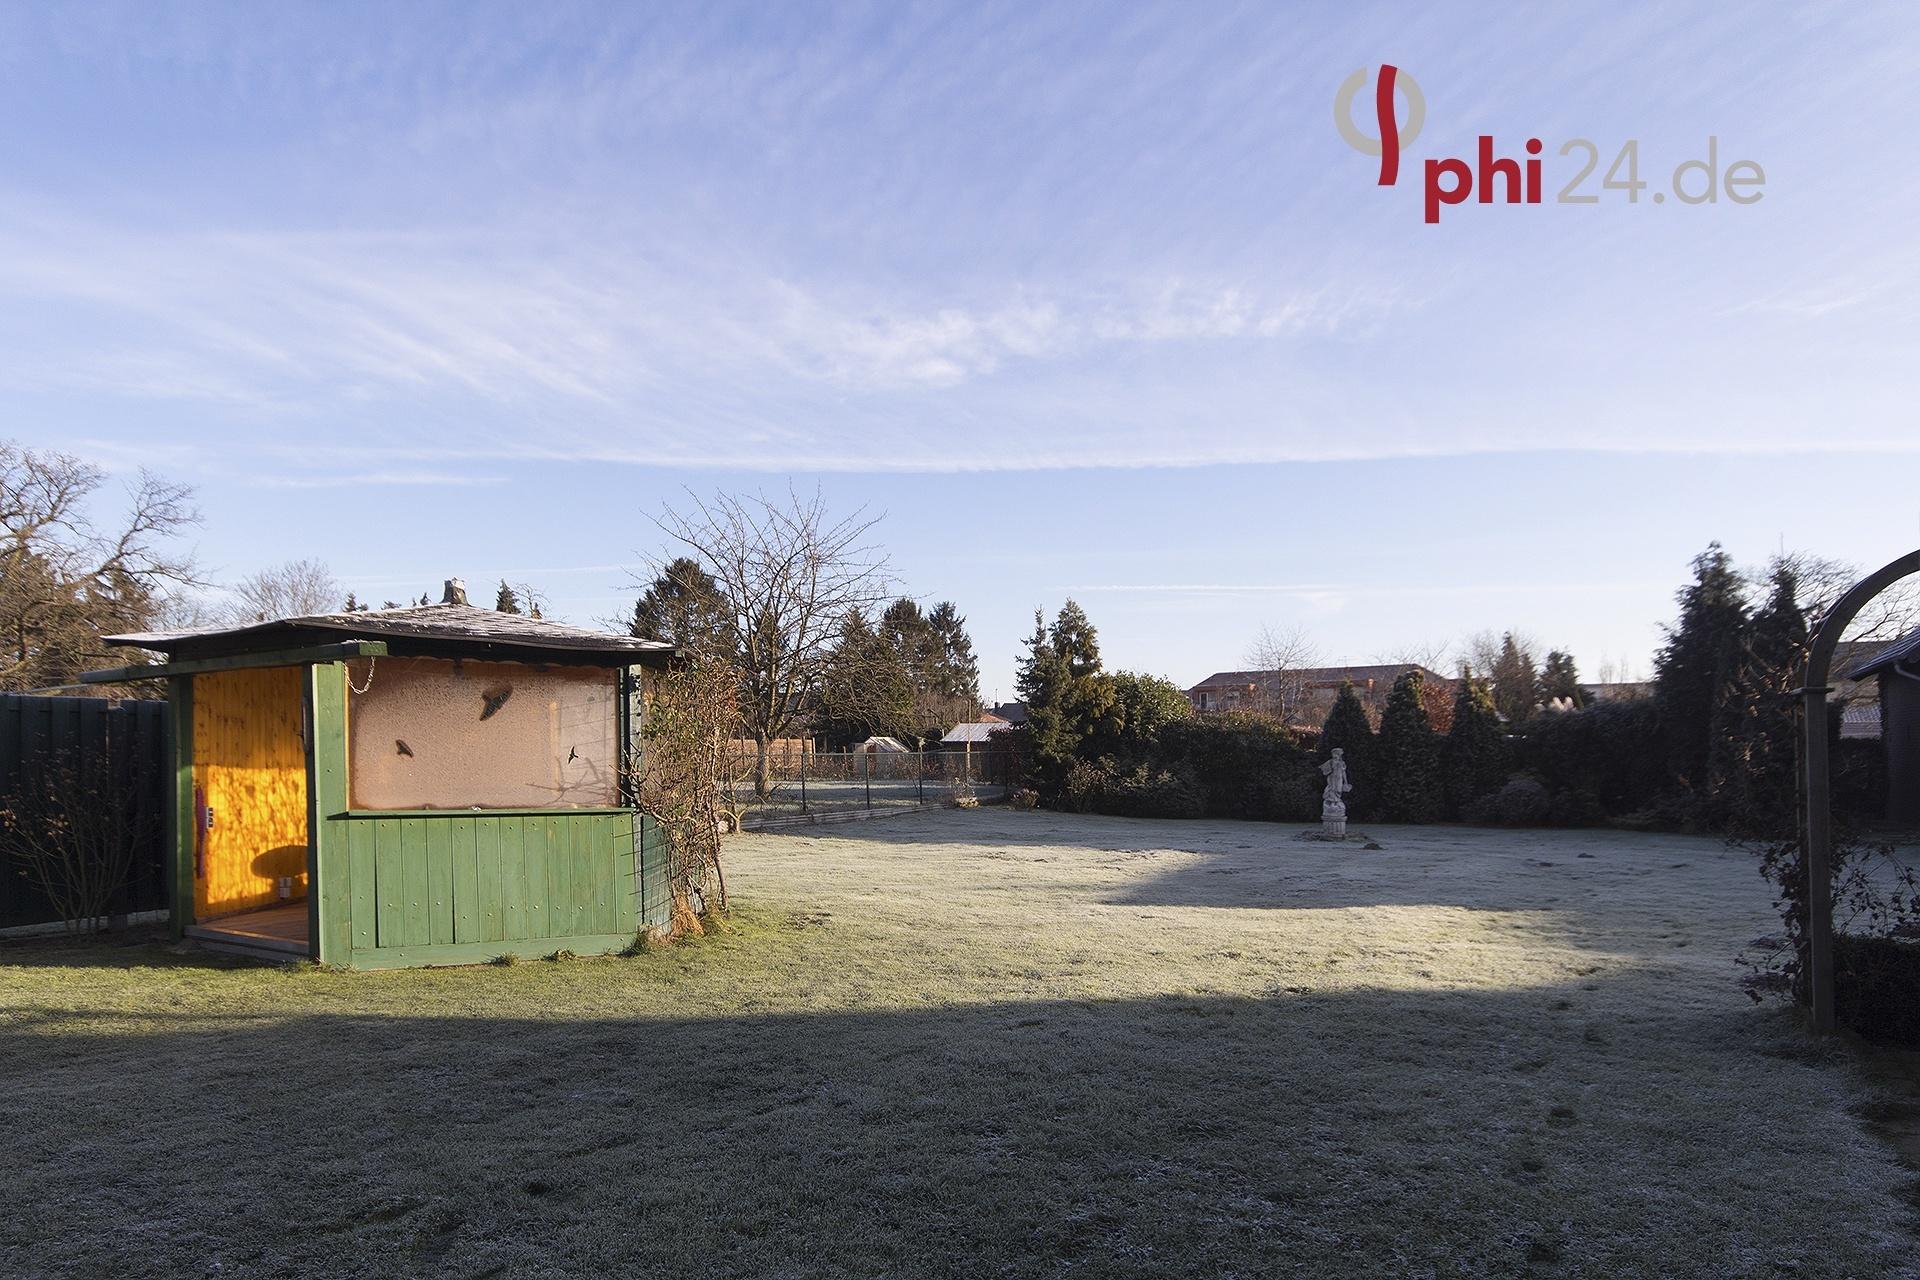 Immobilienmakler Gangelt Einfamilienhaus referenzen mit Immobilienbewertung